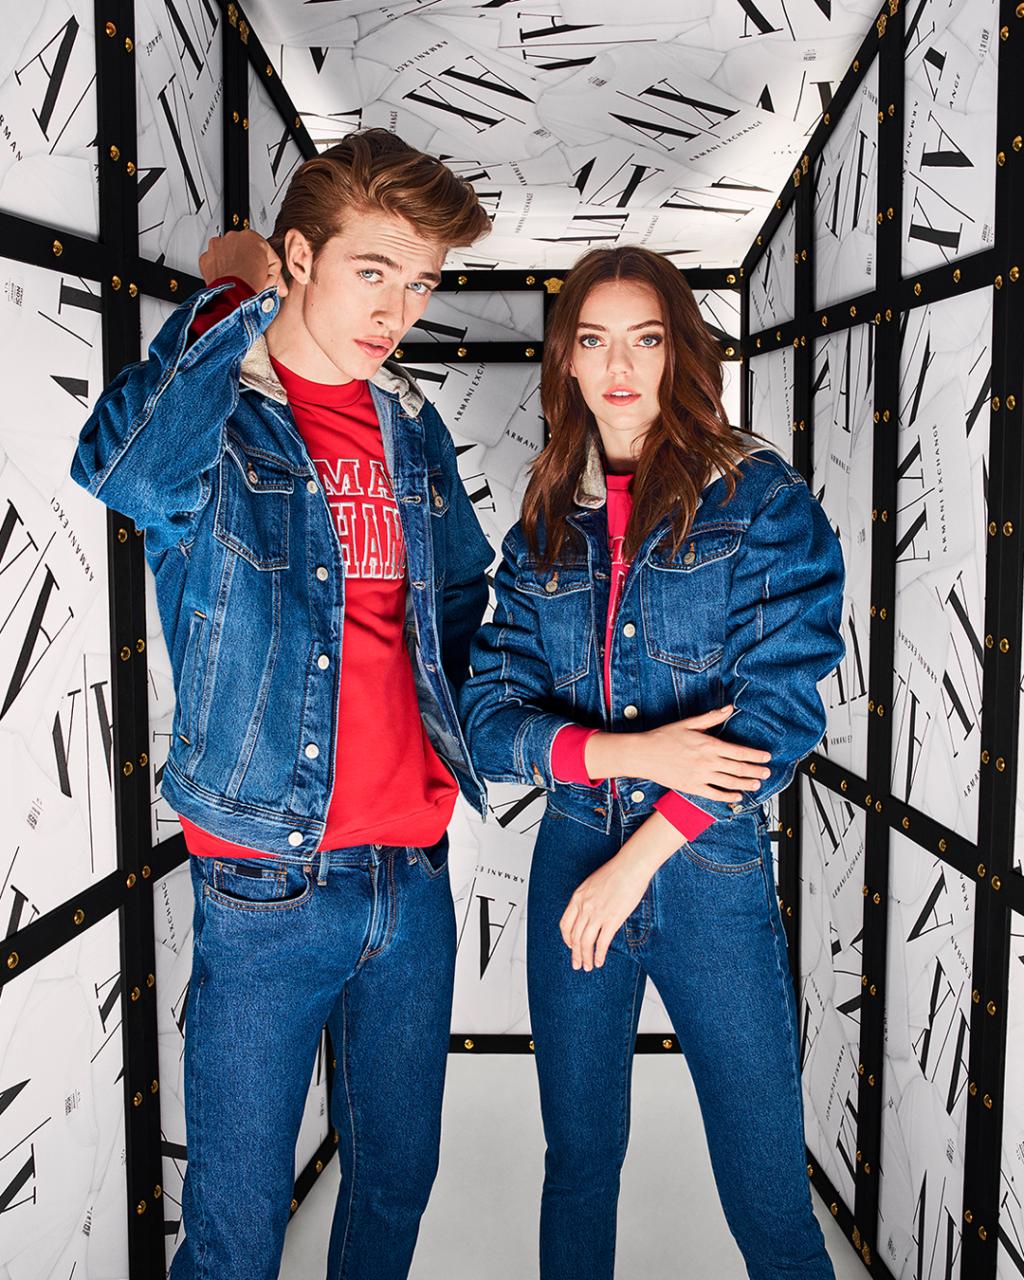 Риск, бунт и смешение стилей – Armani Exchange представляет осенне-зимнюю коллекцию!